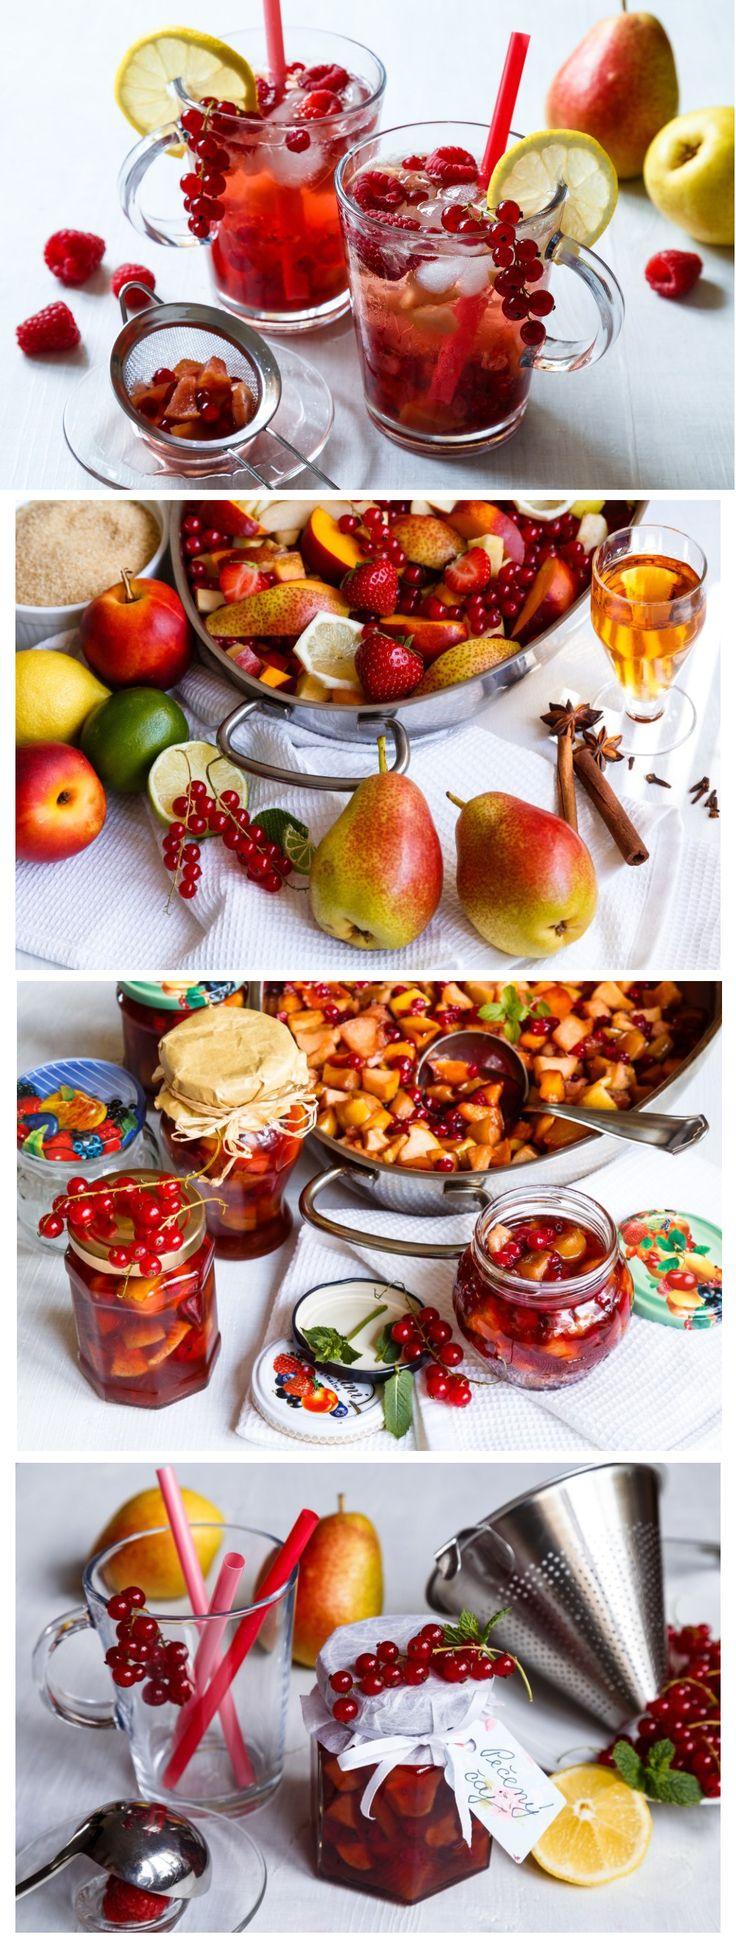 Máte dostatek ovoce? Udělejte si domácí pečený čaj. Jeho výroba je snadná - v podstatě stačí libovolné ovoce zasypat cukrem a upéct v troubě.